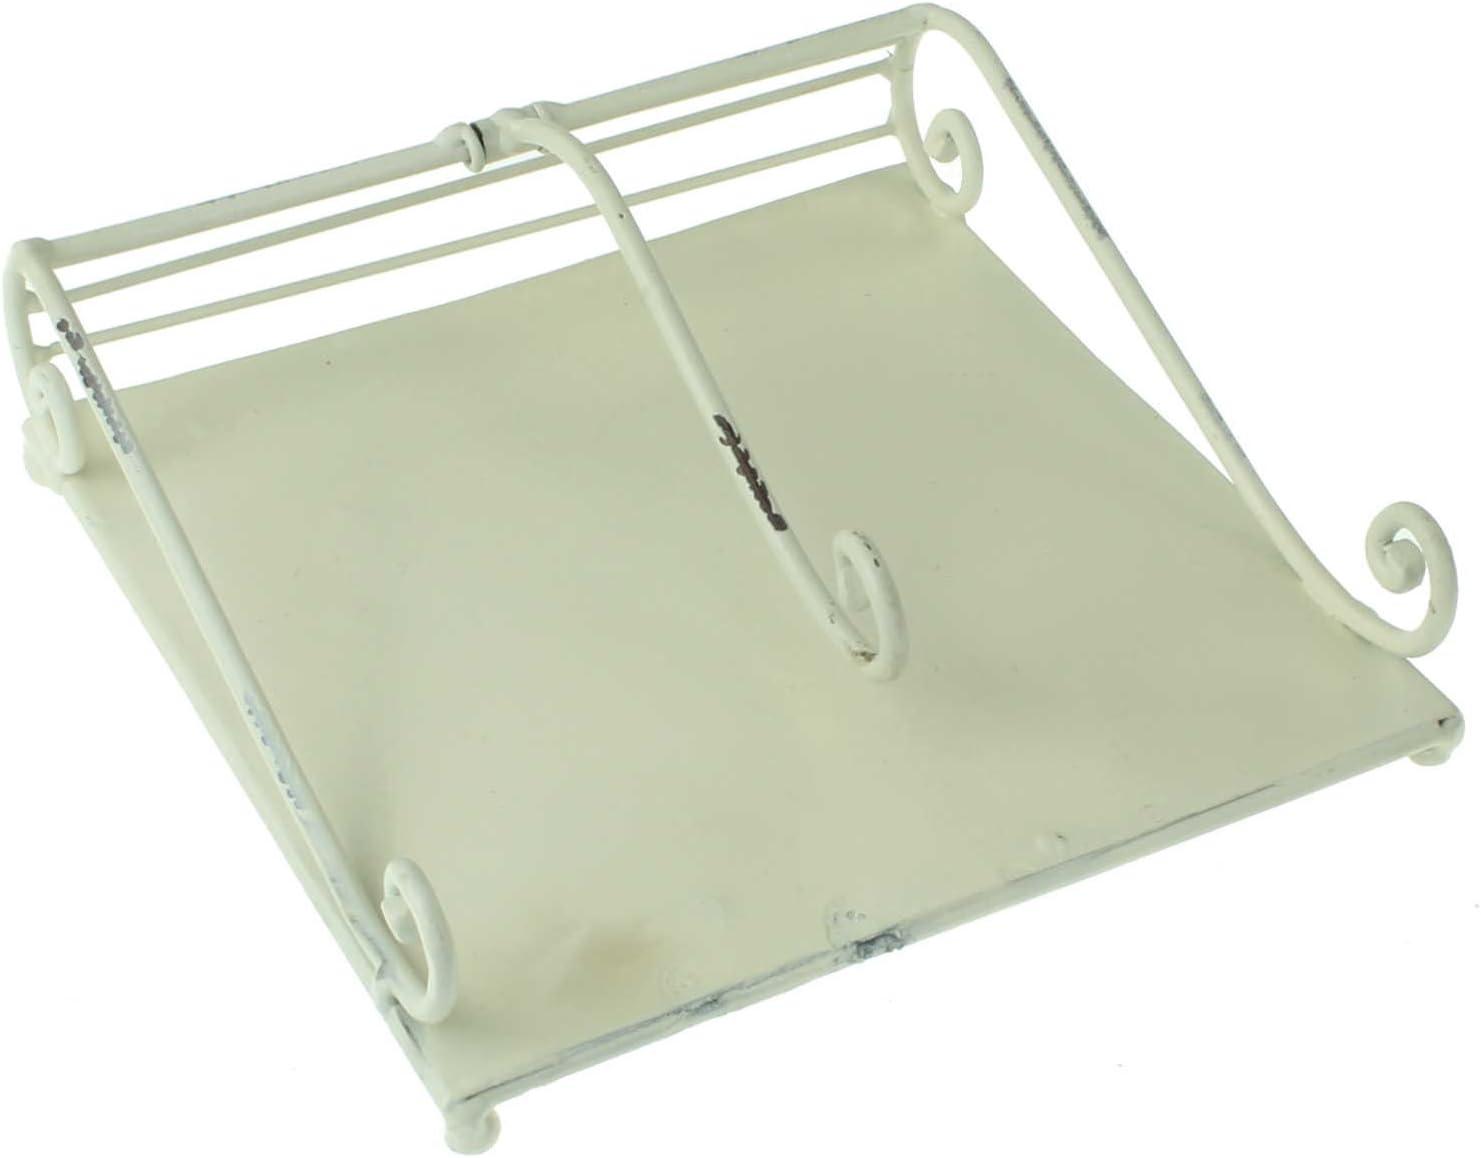 MACOSA SA81962 Servietten-St/änder Antik Creme-Wei/ß Metall Gewichtshebel 18,5x18,5 cm Shabby Chic Servietten-Korb Papierservietten Aufbewahrung Halter